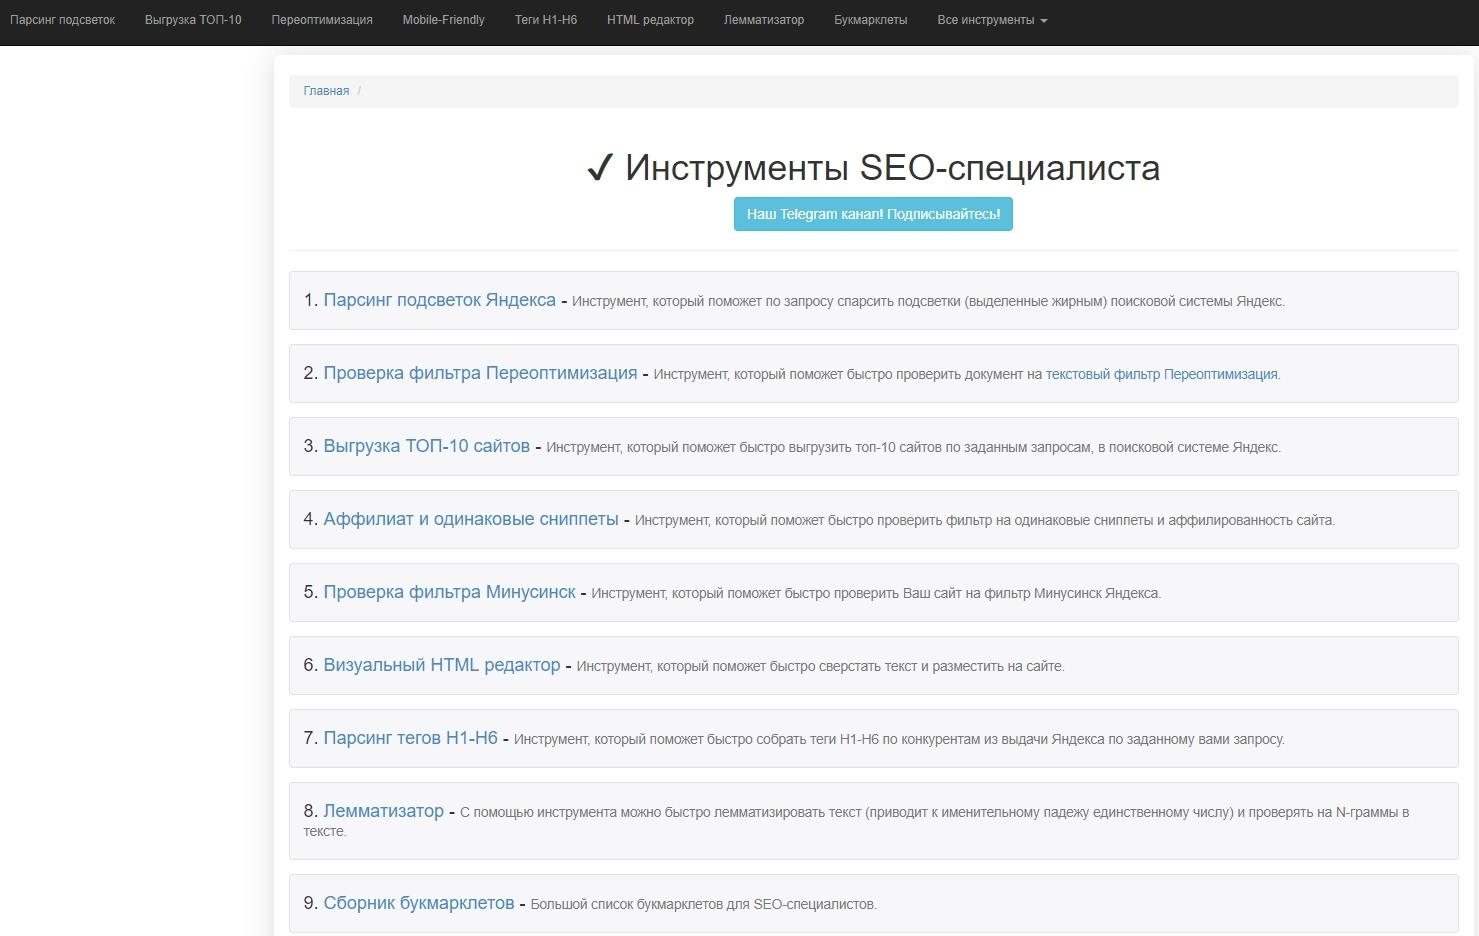 9a307ffbcfe Сервисы для анализа сайтов конкурентов